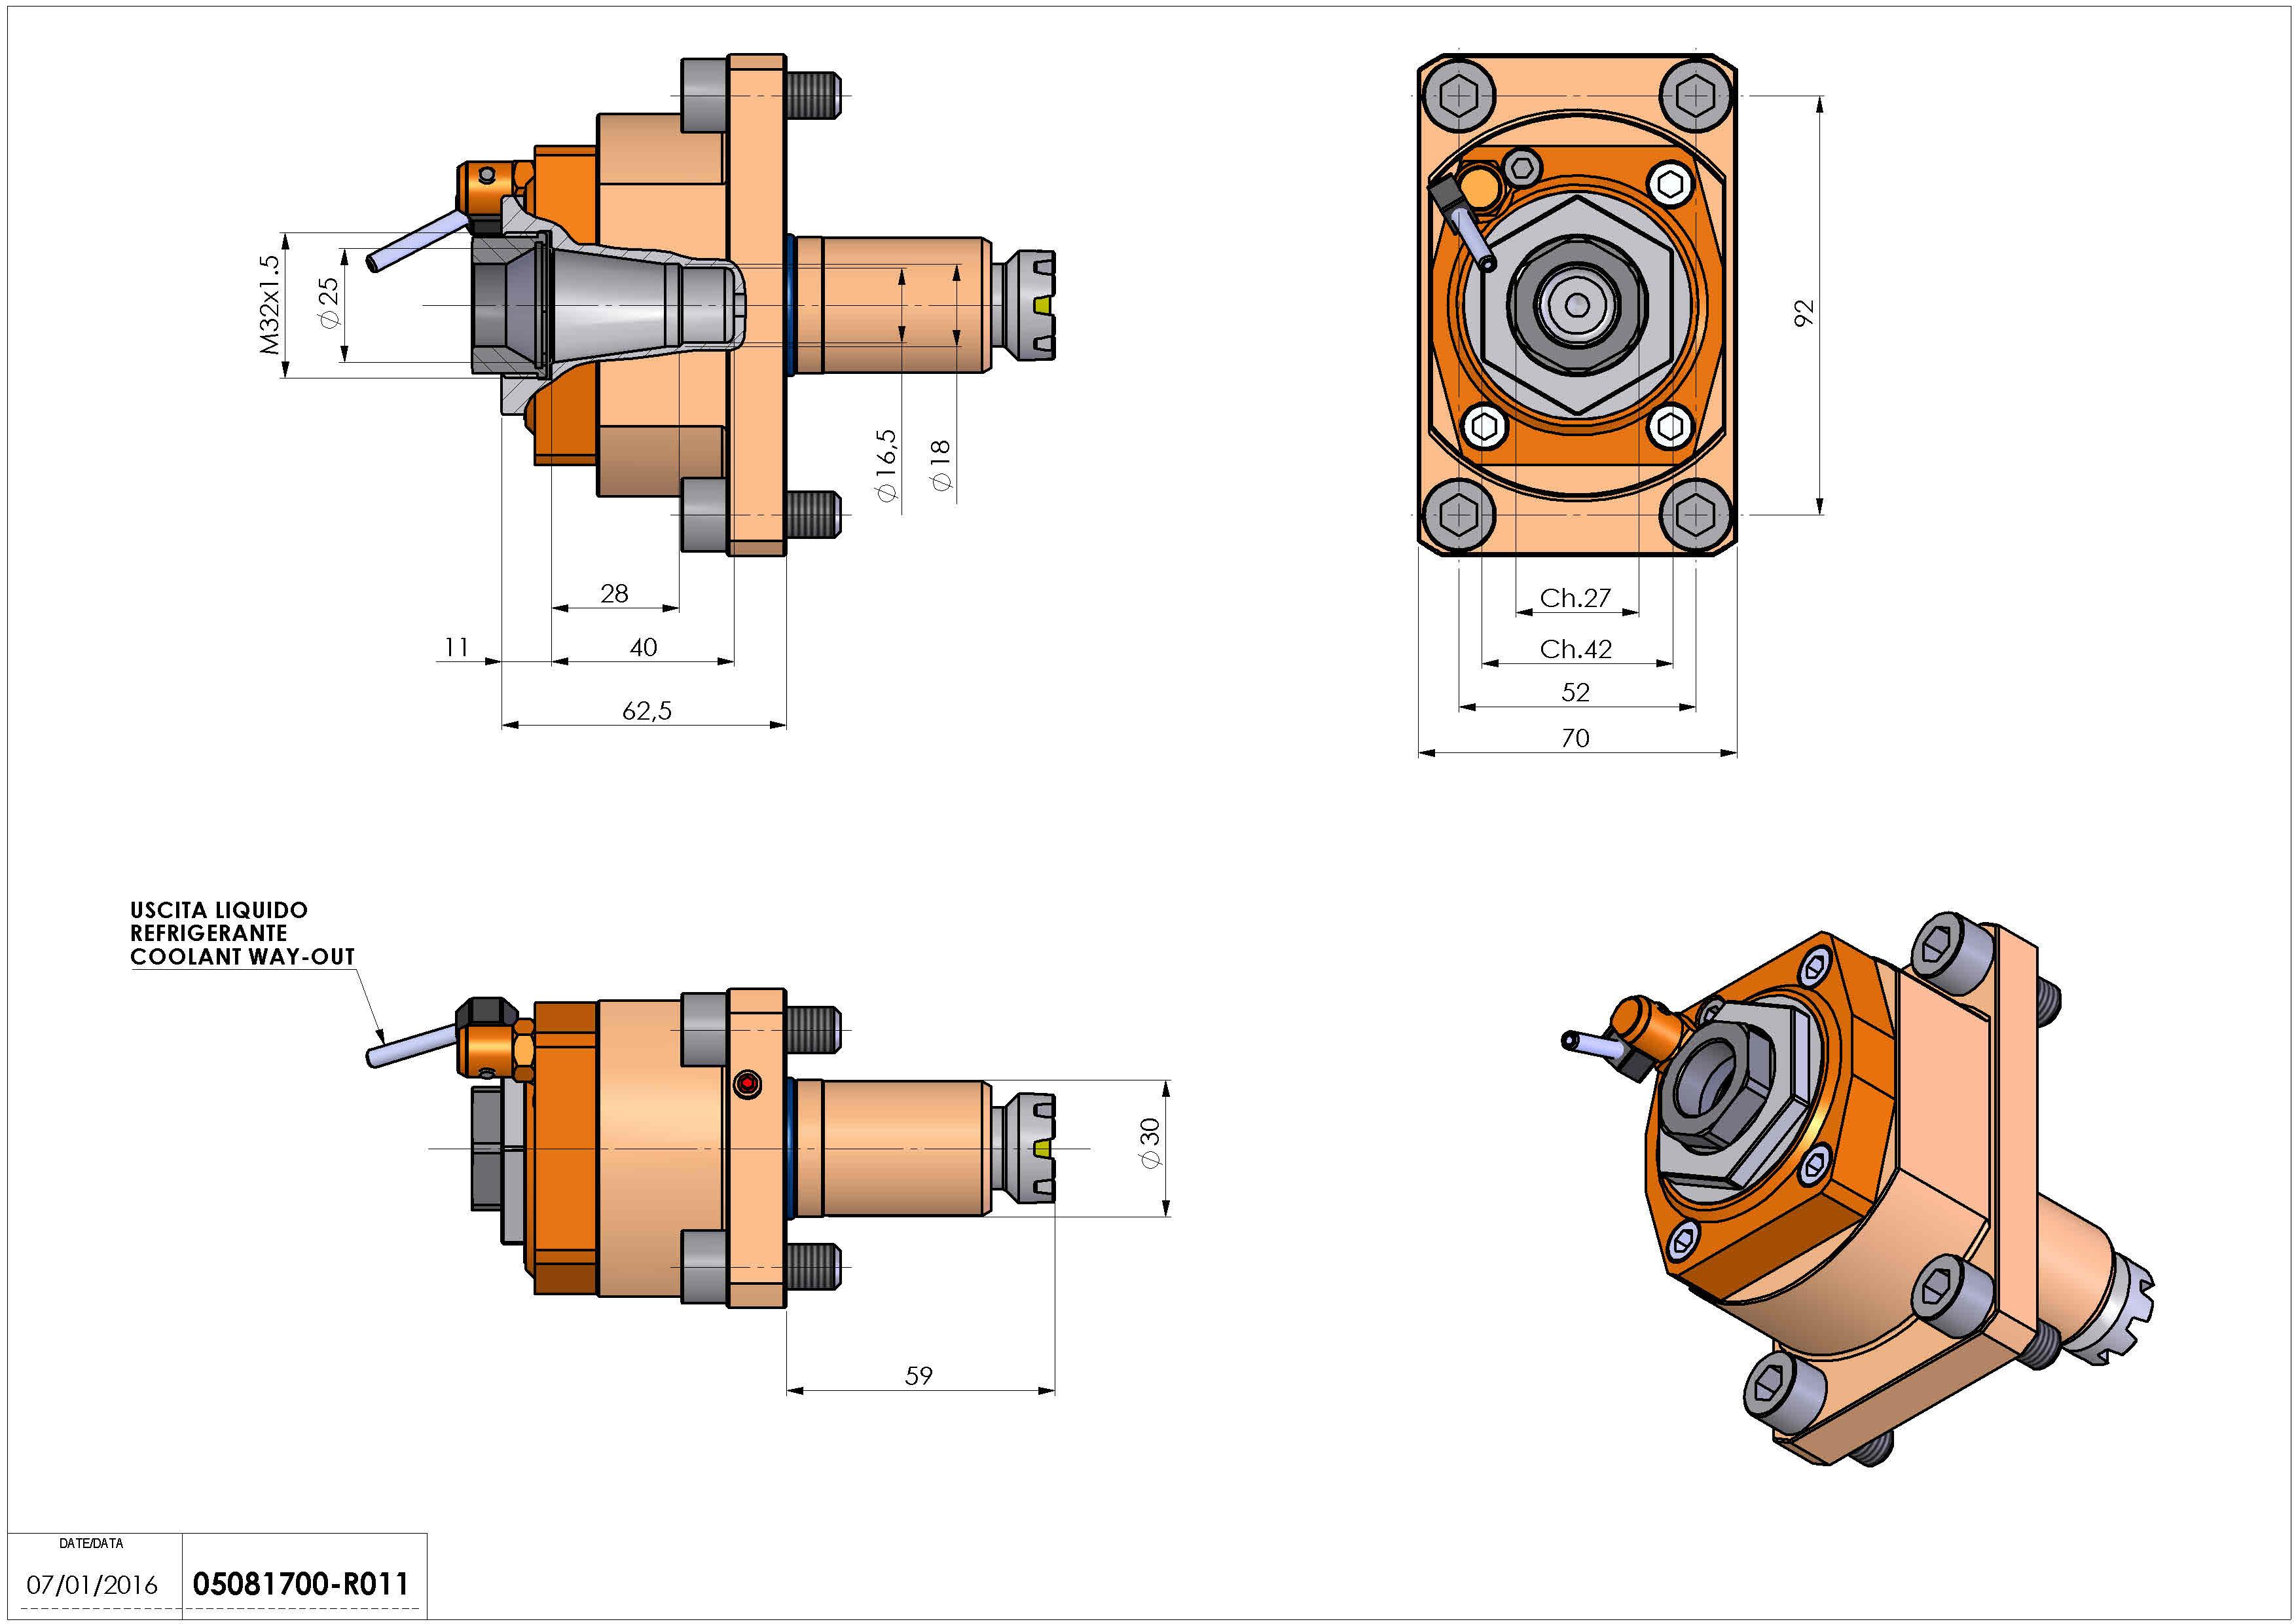 Technical image - LT-S D30 ER25F H62.5 AN.